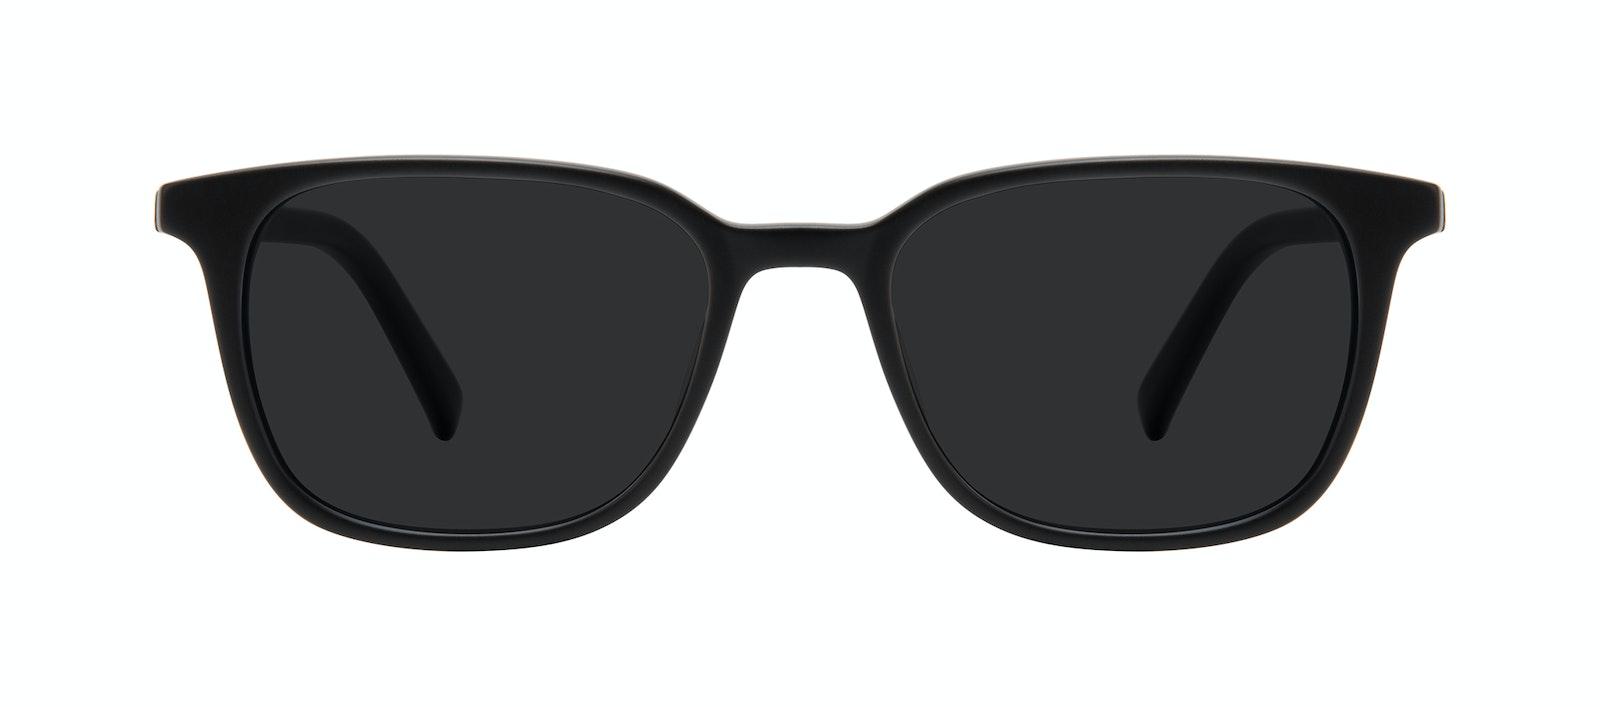 Lunettes tendance Carrée Lunettes de soleil Hommes Choice Black Matte Face